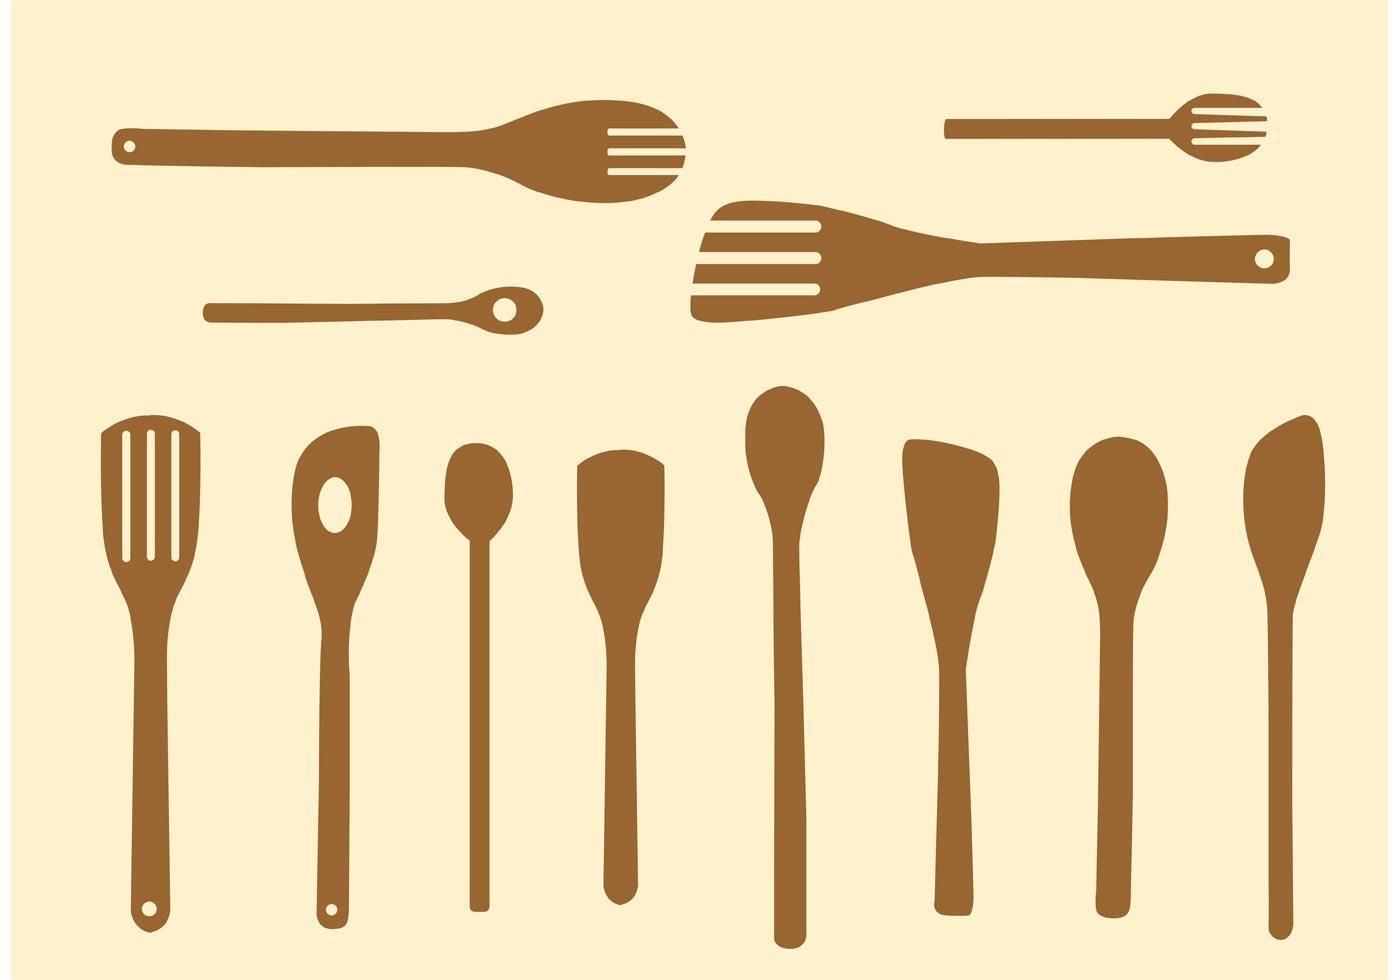 Simple Wooden Spoon Vectors Download Free Vector Art